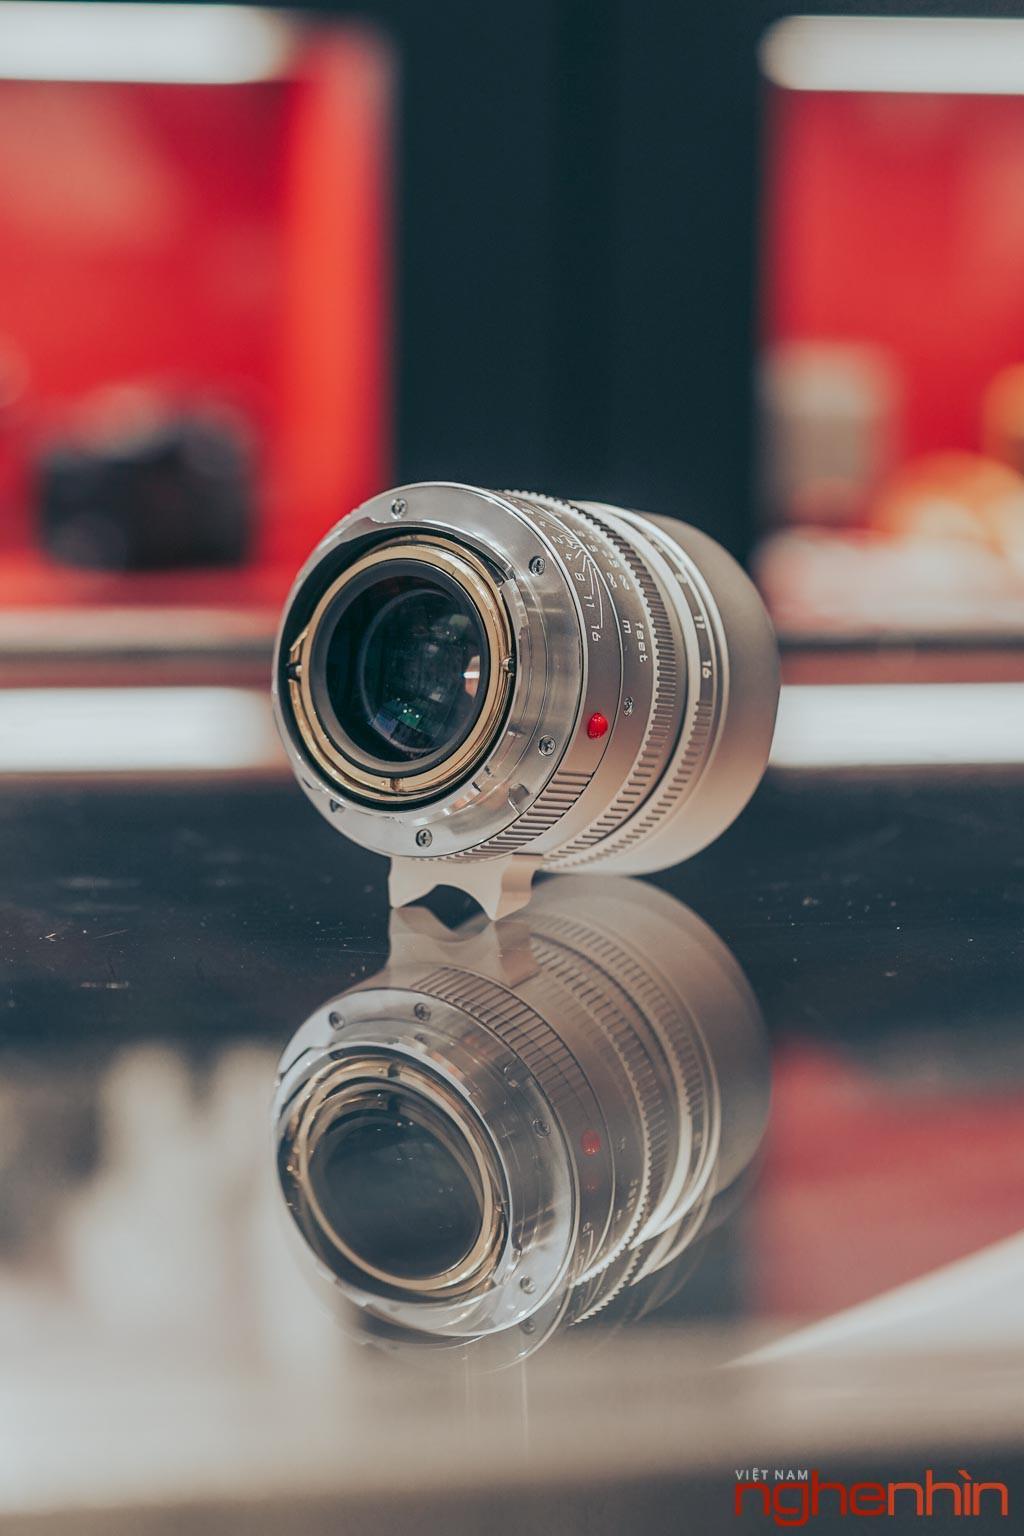 Trên tay Leica M10-P 'White' Edition tại Việt Nam: giá 420 triệu, giới hạn 350 chiếc Ảnh 9